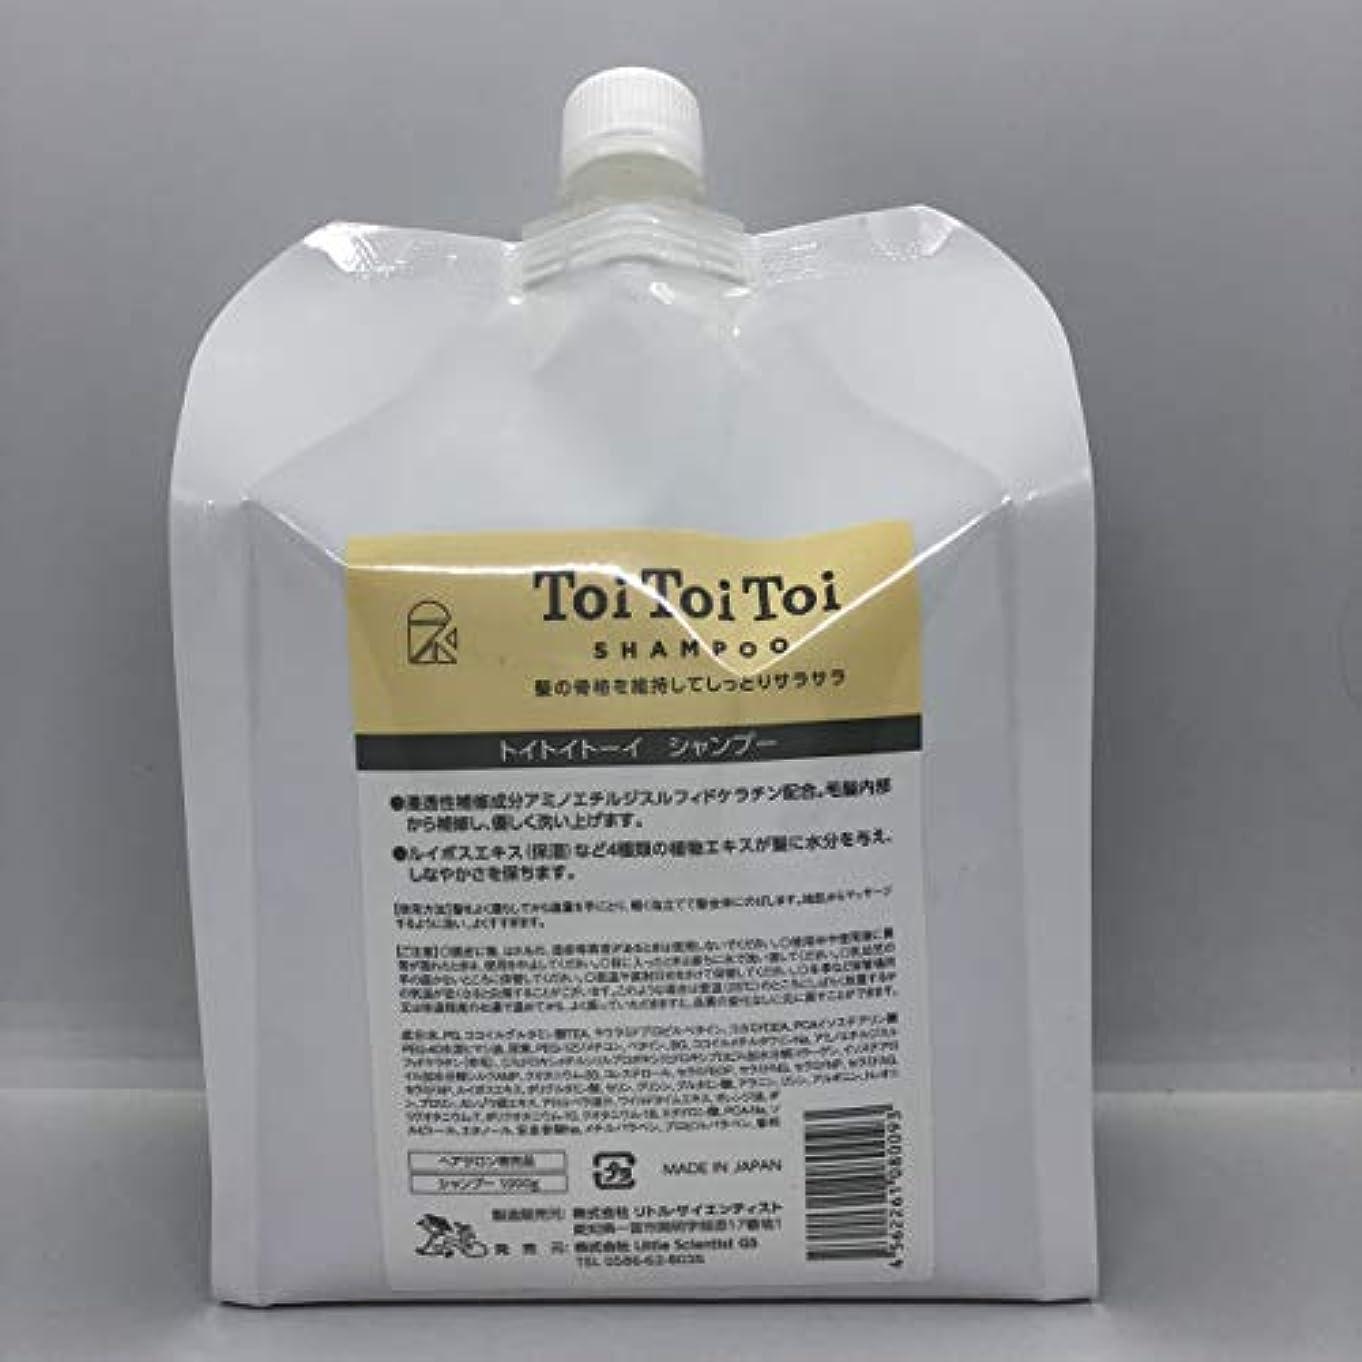 お父さん血色の良い寝室を掃除するリトルサイエンティスト トイトイトーイ ToiToiToi シャンプー 1000ml レフィル